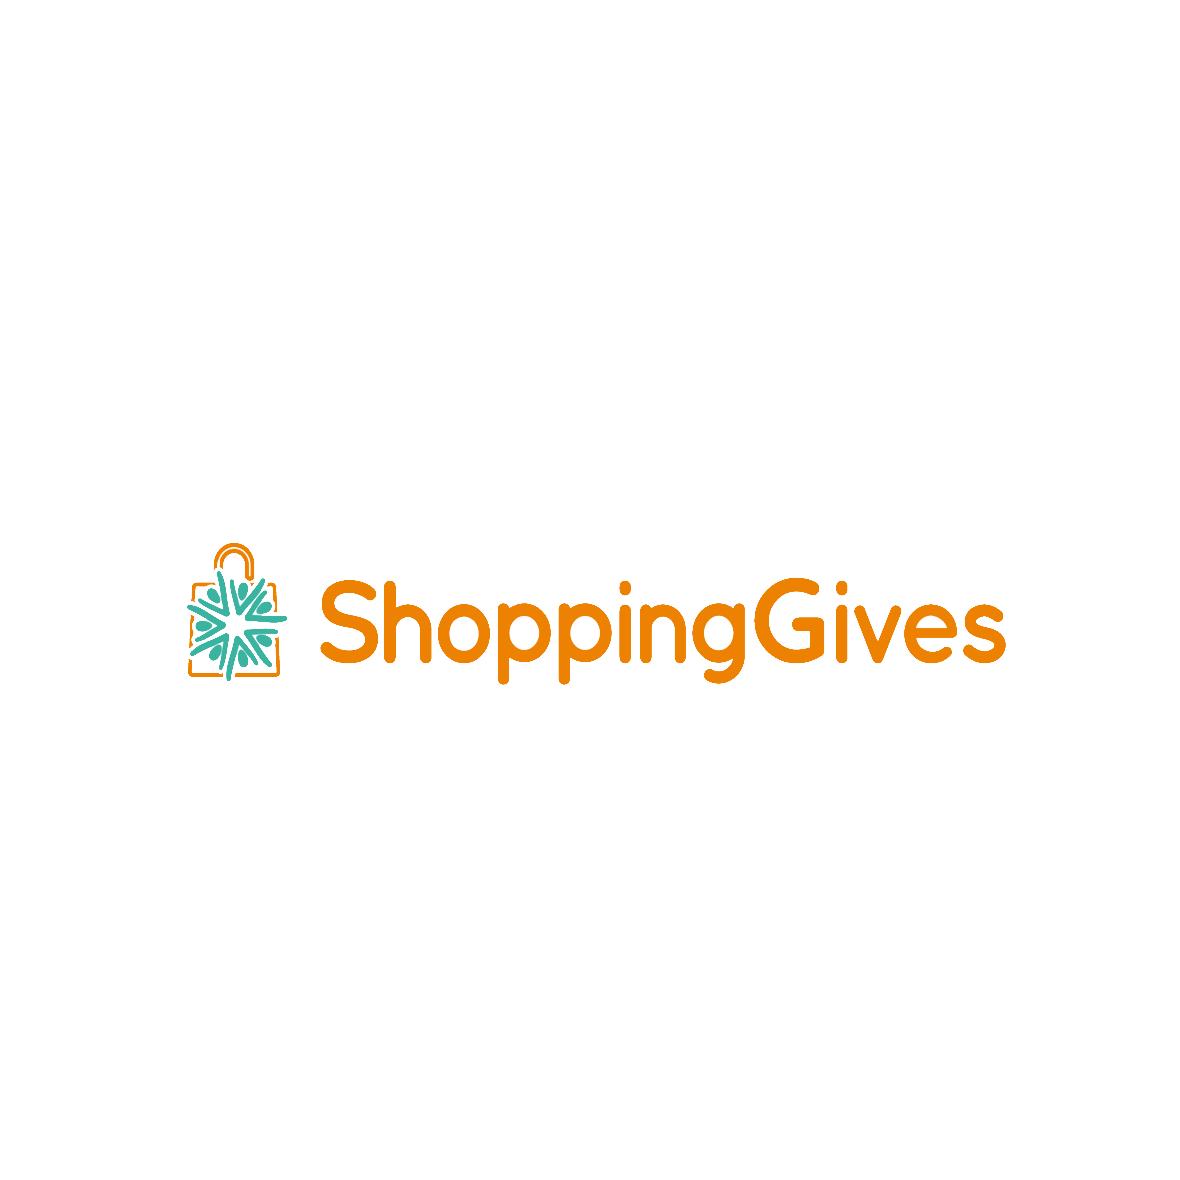 ShoppingGives